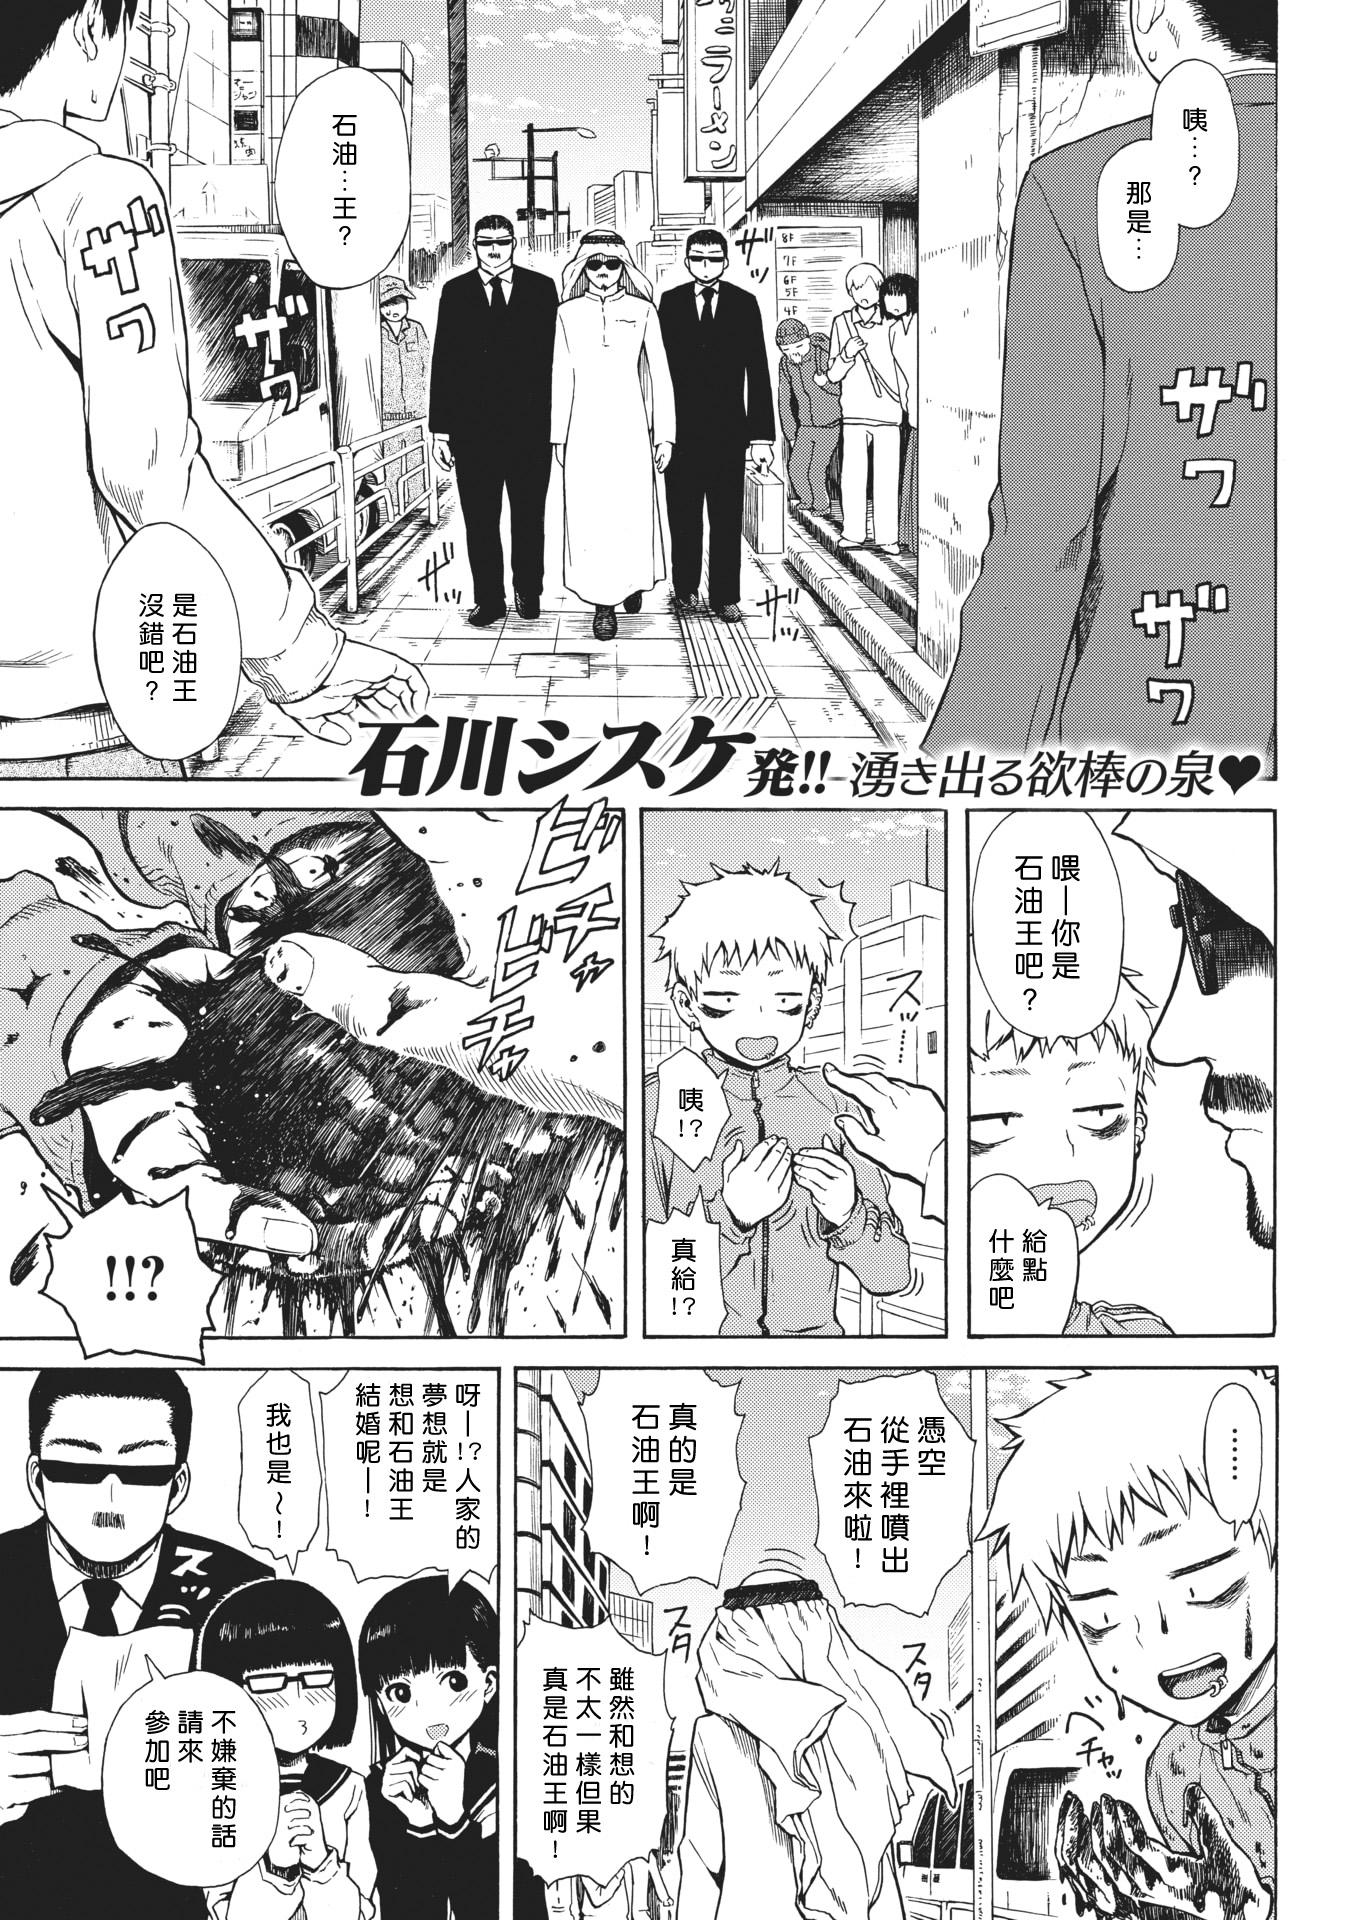 [石川シスケ] 石油王の嫁オーディション (COMIC 快楽天 2020年3月號) - 情色卡漫 -